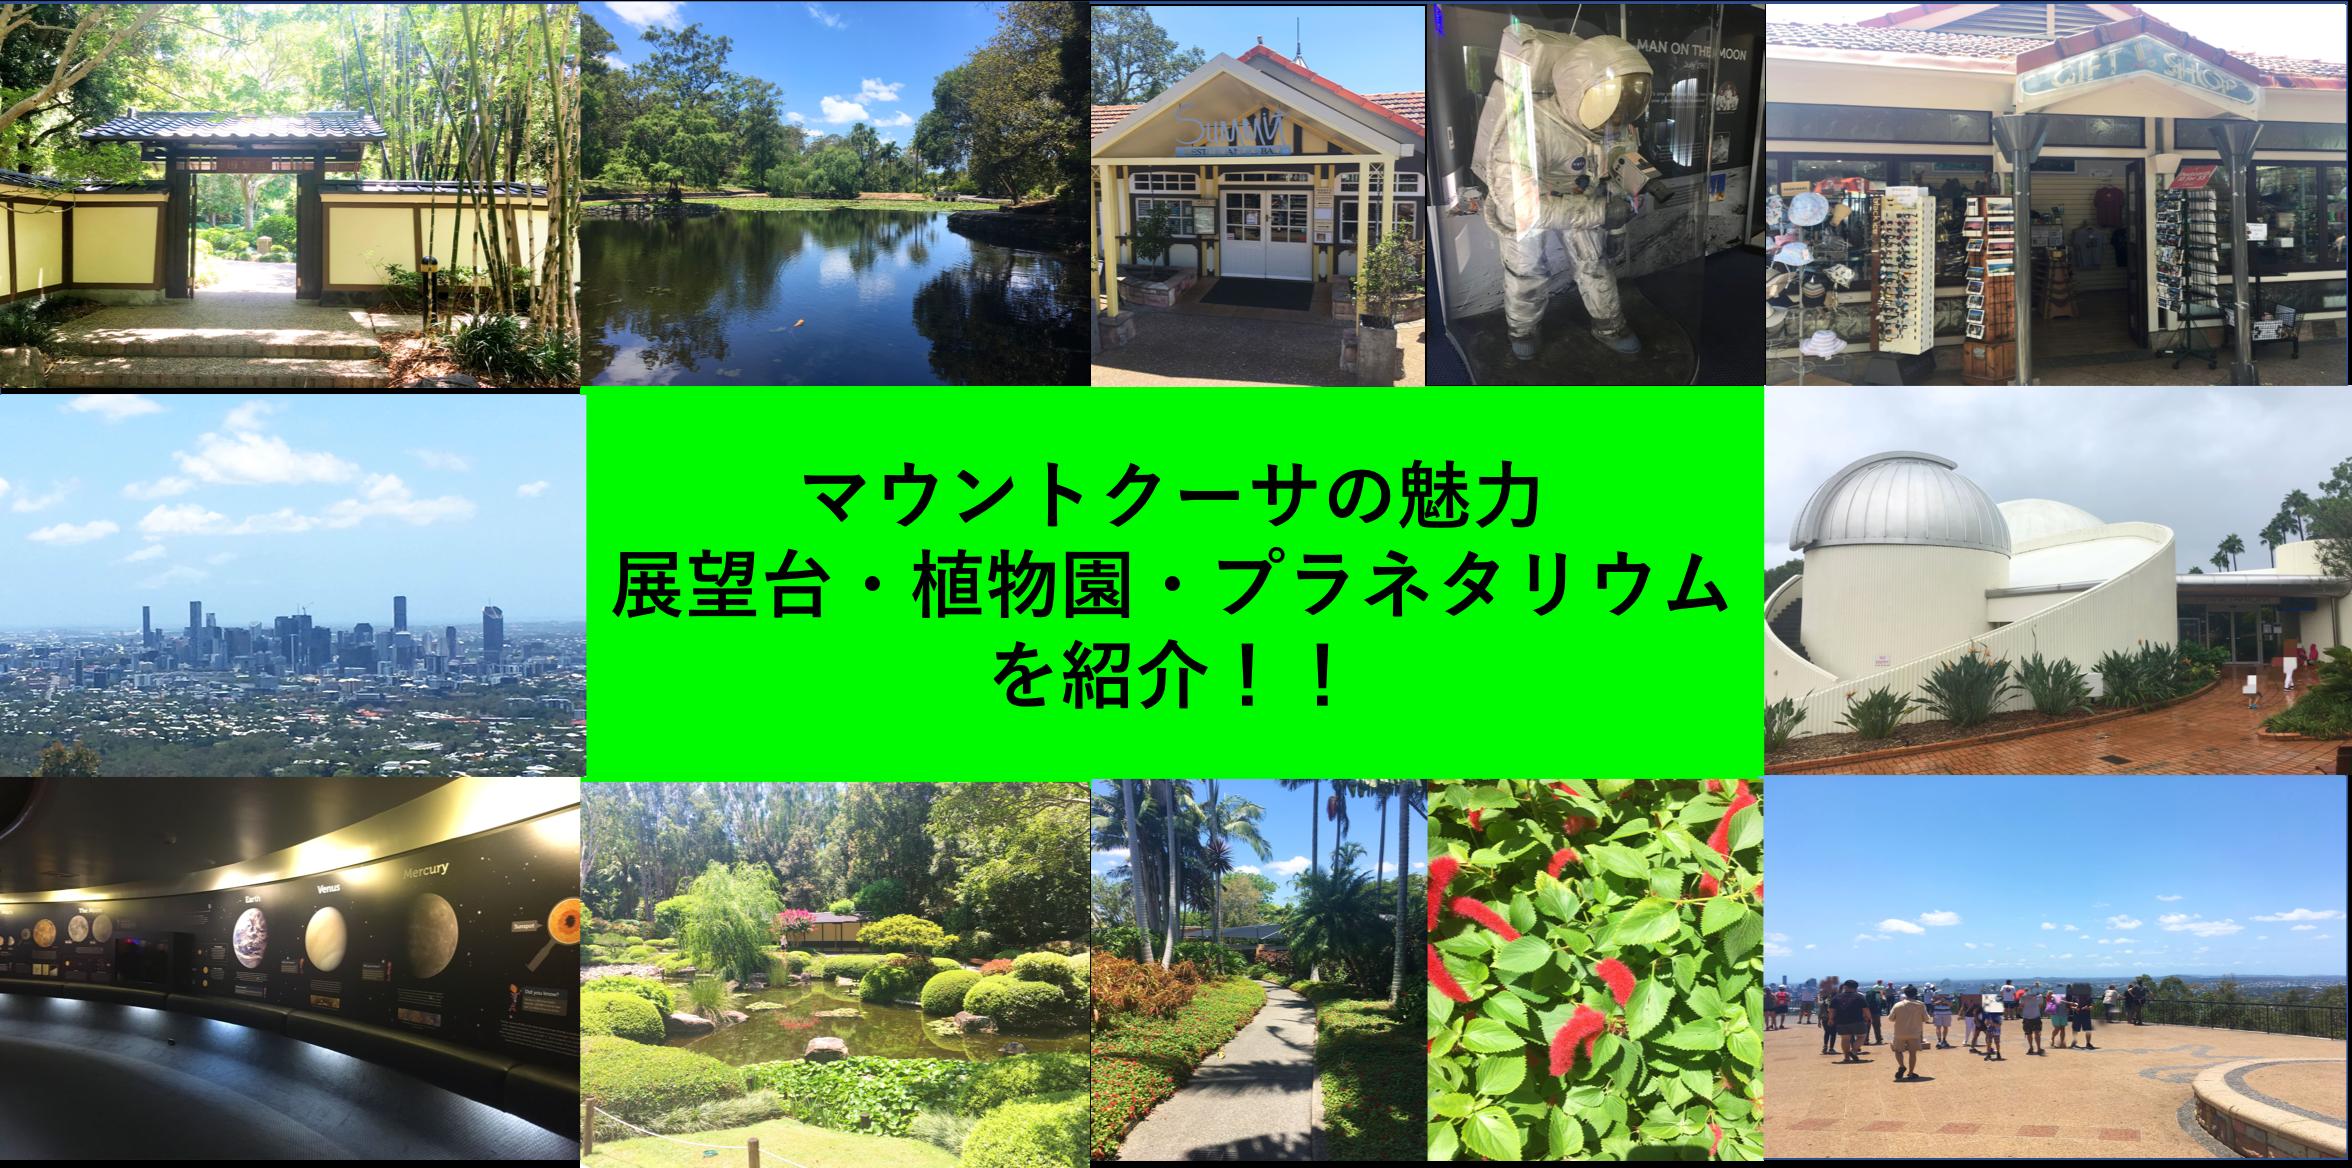 マウントクーサの魅力【展望台・植物園・プラネタリウム】を紹介!!